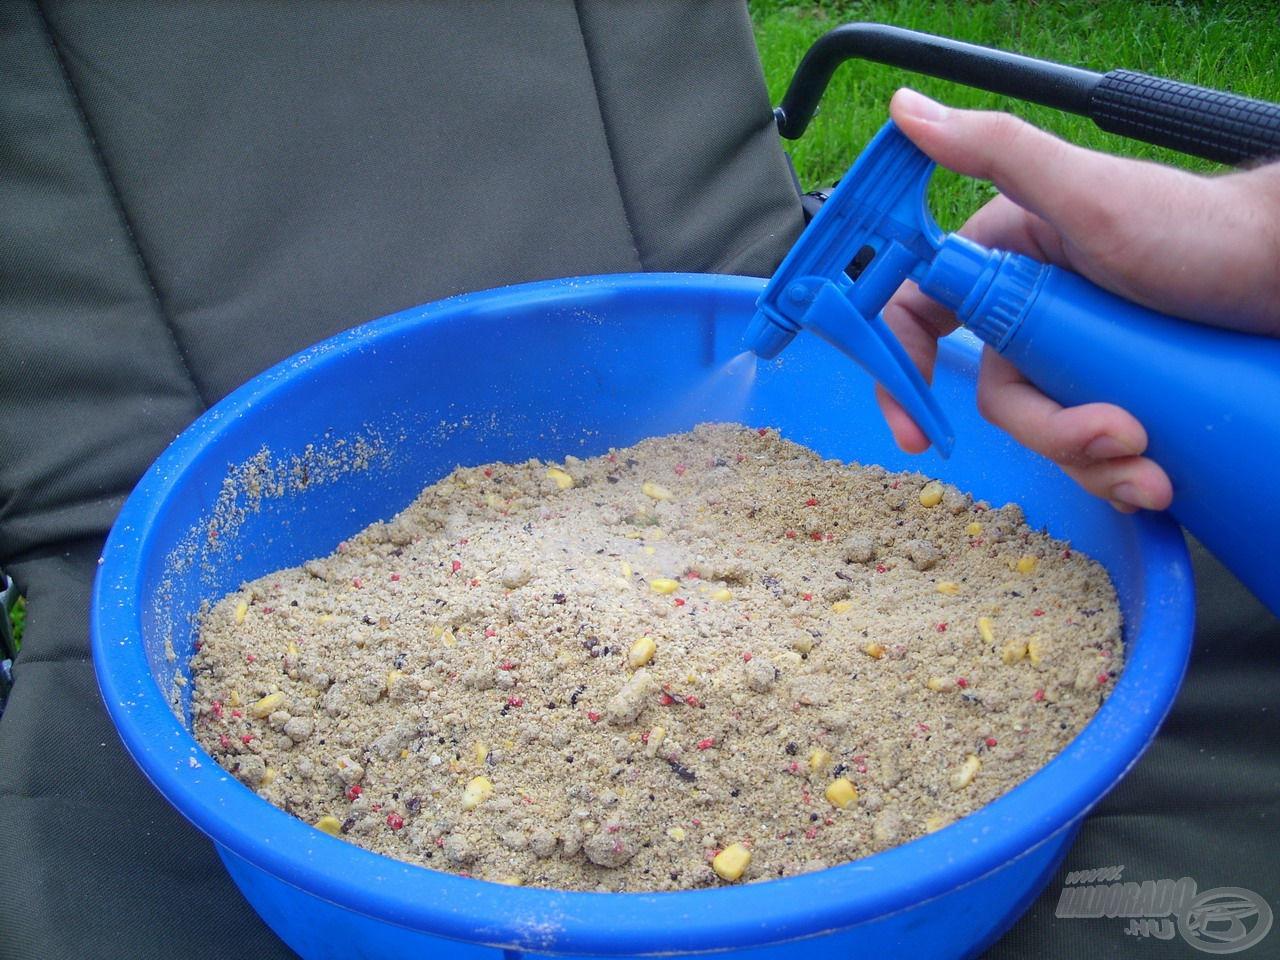 Az etetőanyaghoz eddig adagolt vízmennyiség kevés ahhoz, hogy megfelelő állagúvá váljon, de ez a megfelelő előkészítés része. A maradék folyadékot a precíz adagolás érdekében egy spricni segítségével tettem a keverékhez. Ennek során maximum további 1-1,5 dl víz került hozzá. Kulcsfontosságú szerep jut az etetőanyag tökéletes állagának, amit szándékosan kissé szárazra kell elkészítenünk, hogy a lehető legjobban felhősítsen